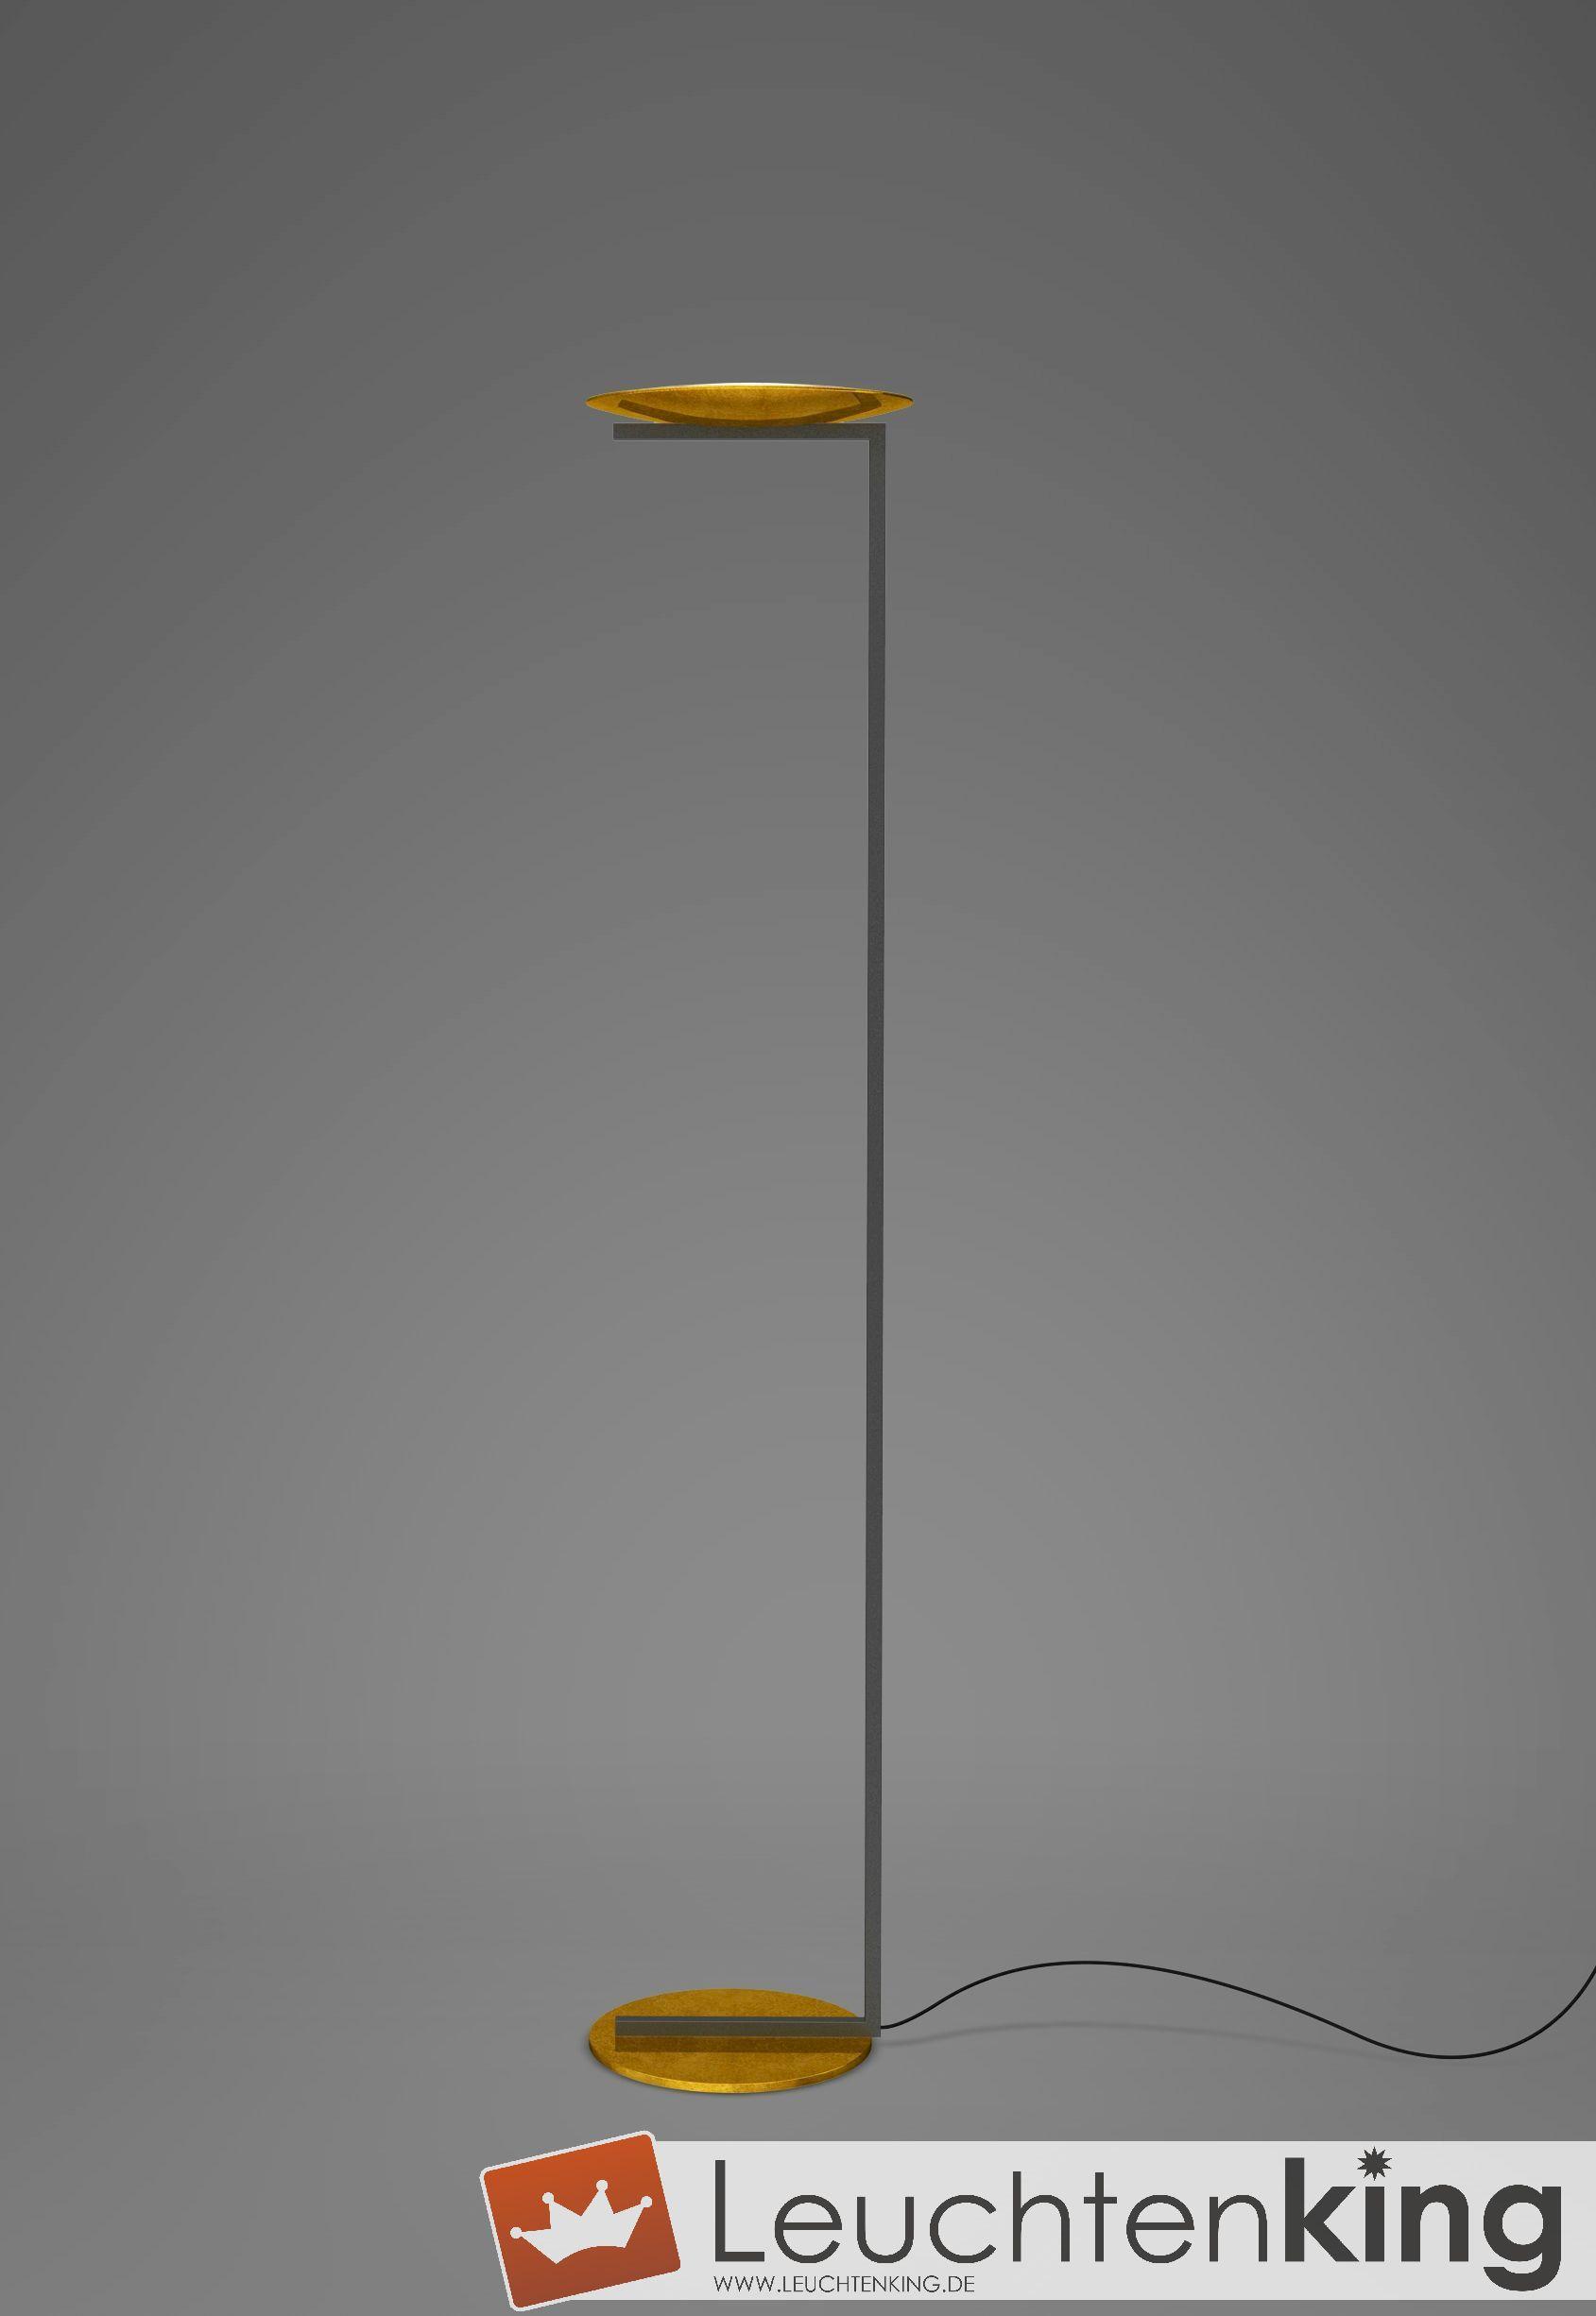 LED-Stehleuchte Luce Elevata Pure up von BANKAMP Leuchtenmanufaktur